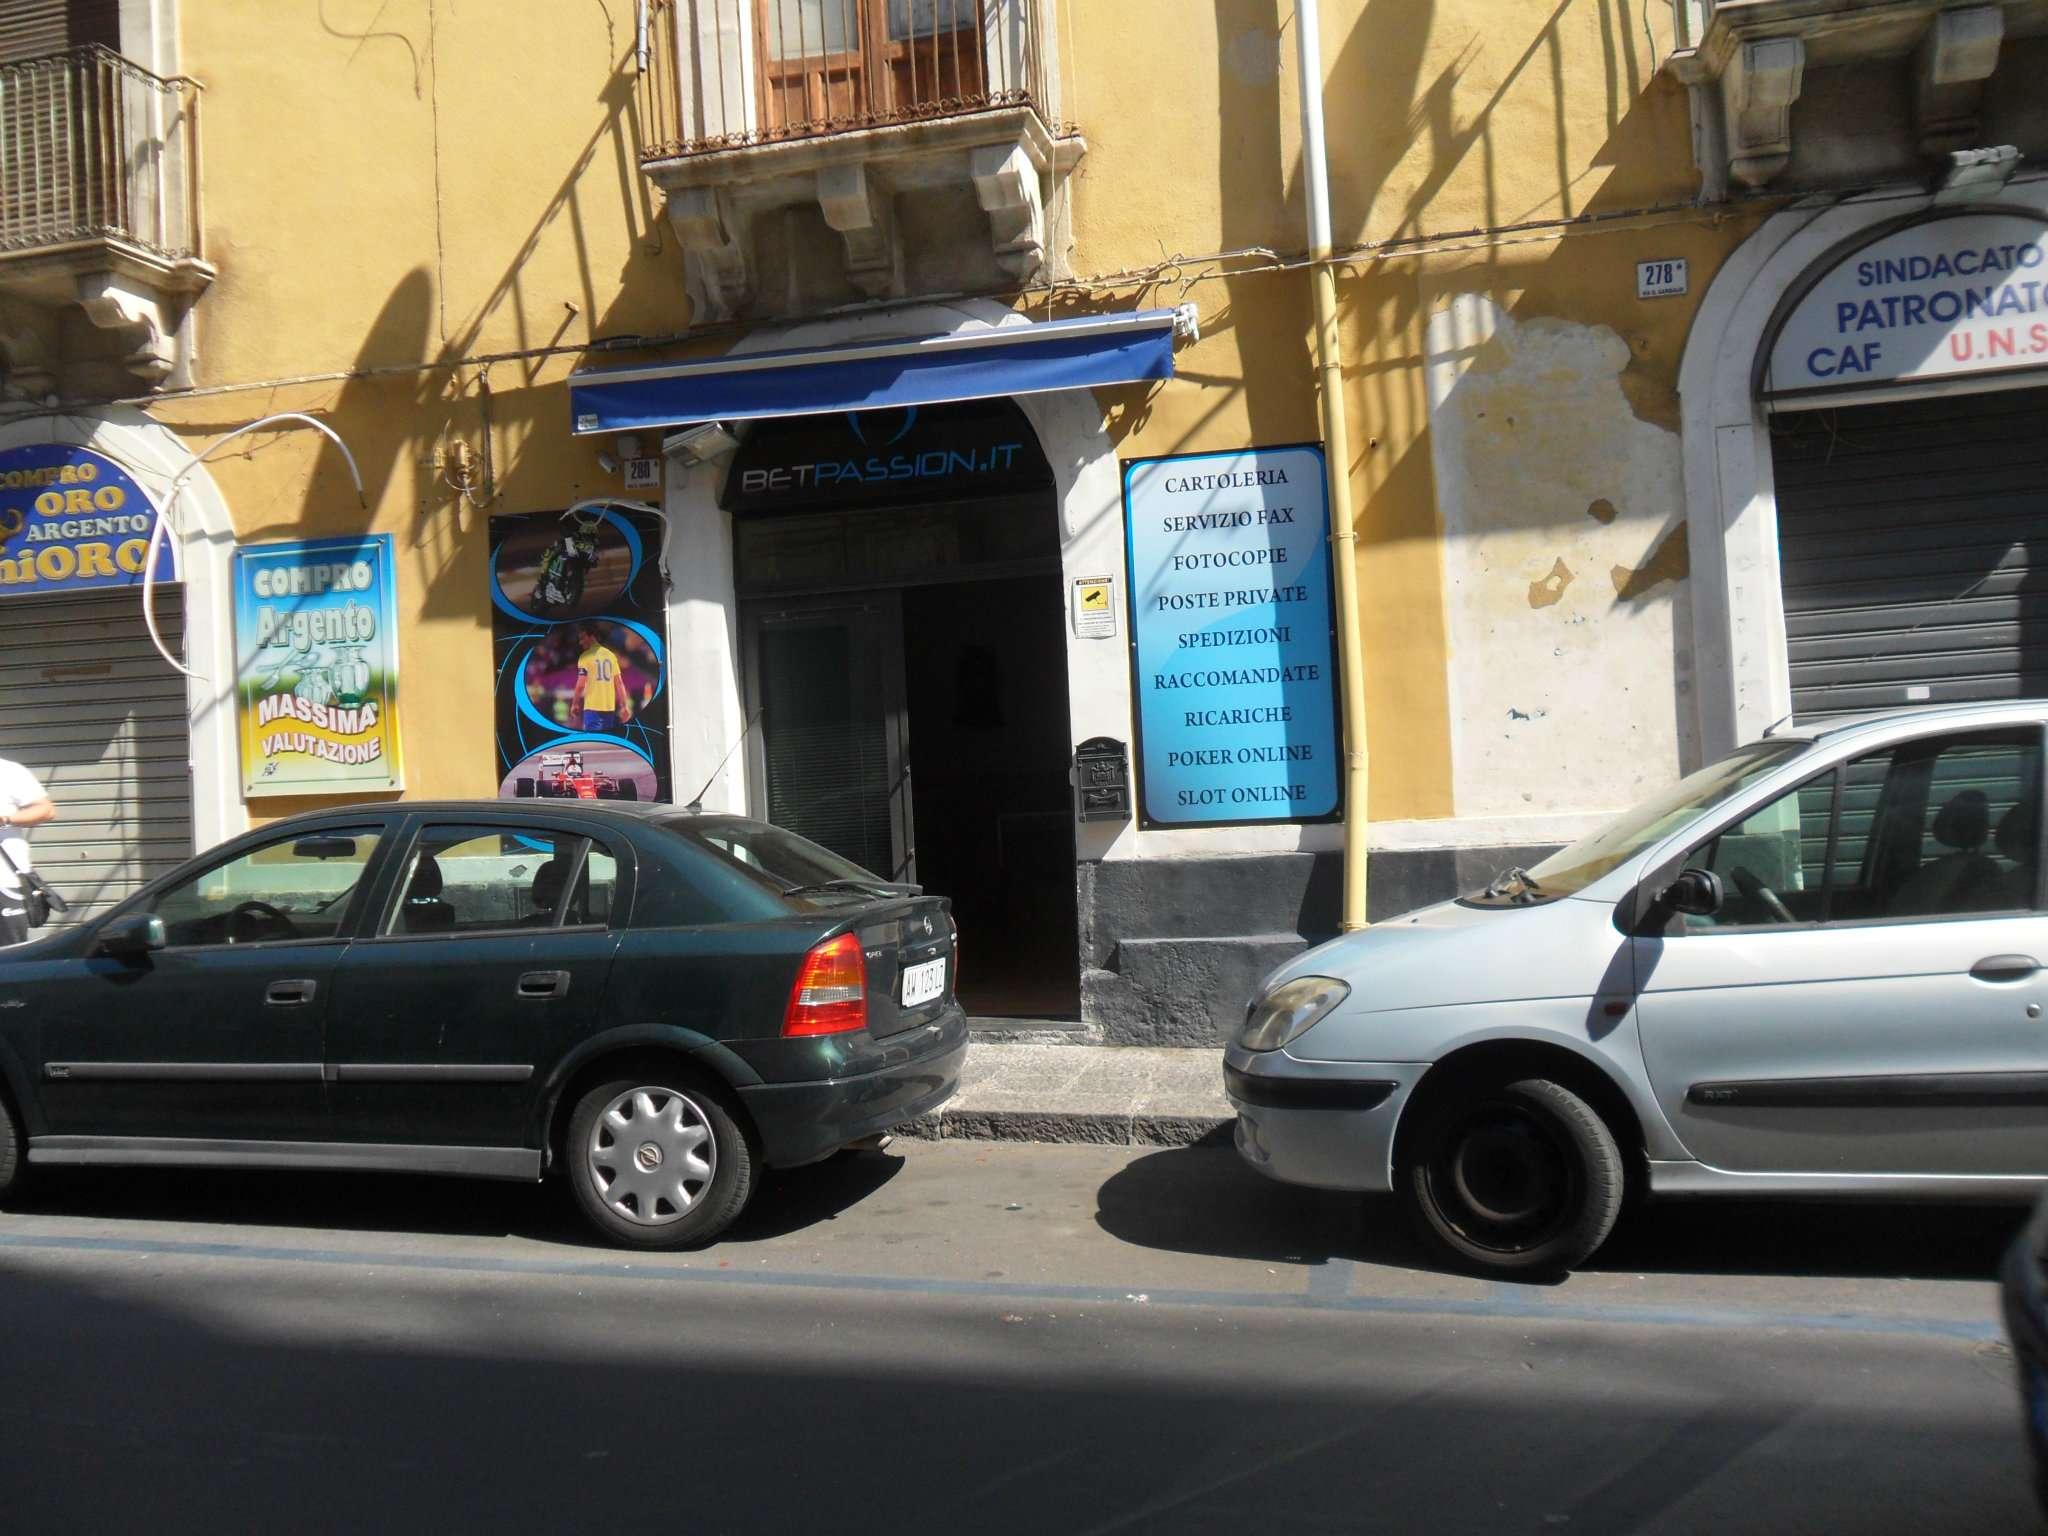 Negozio / Locale in vendita a Catania, 4 locali, prezzo € 48.000 | Cambio Casa.it